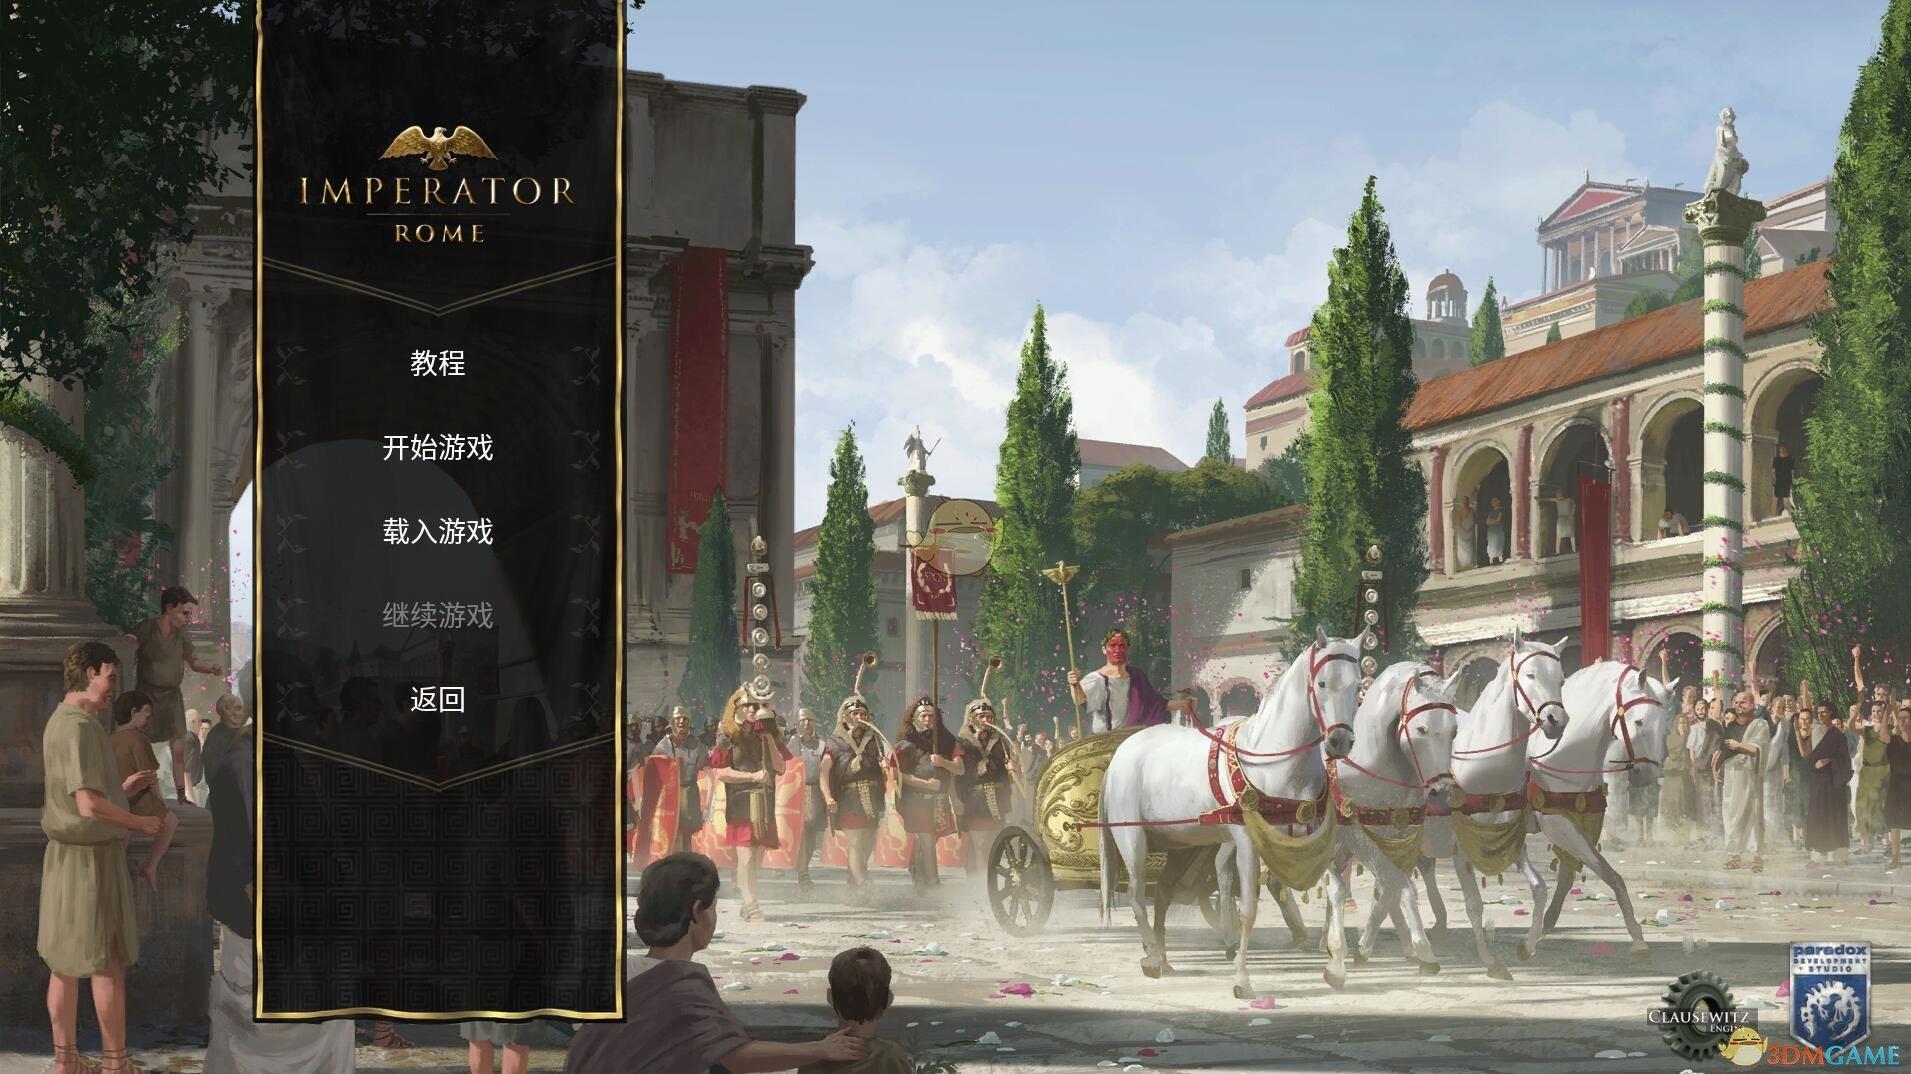 《大将军:罗马》游戏无法启动问题解决方法分享